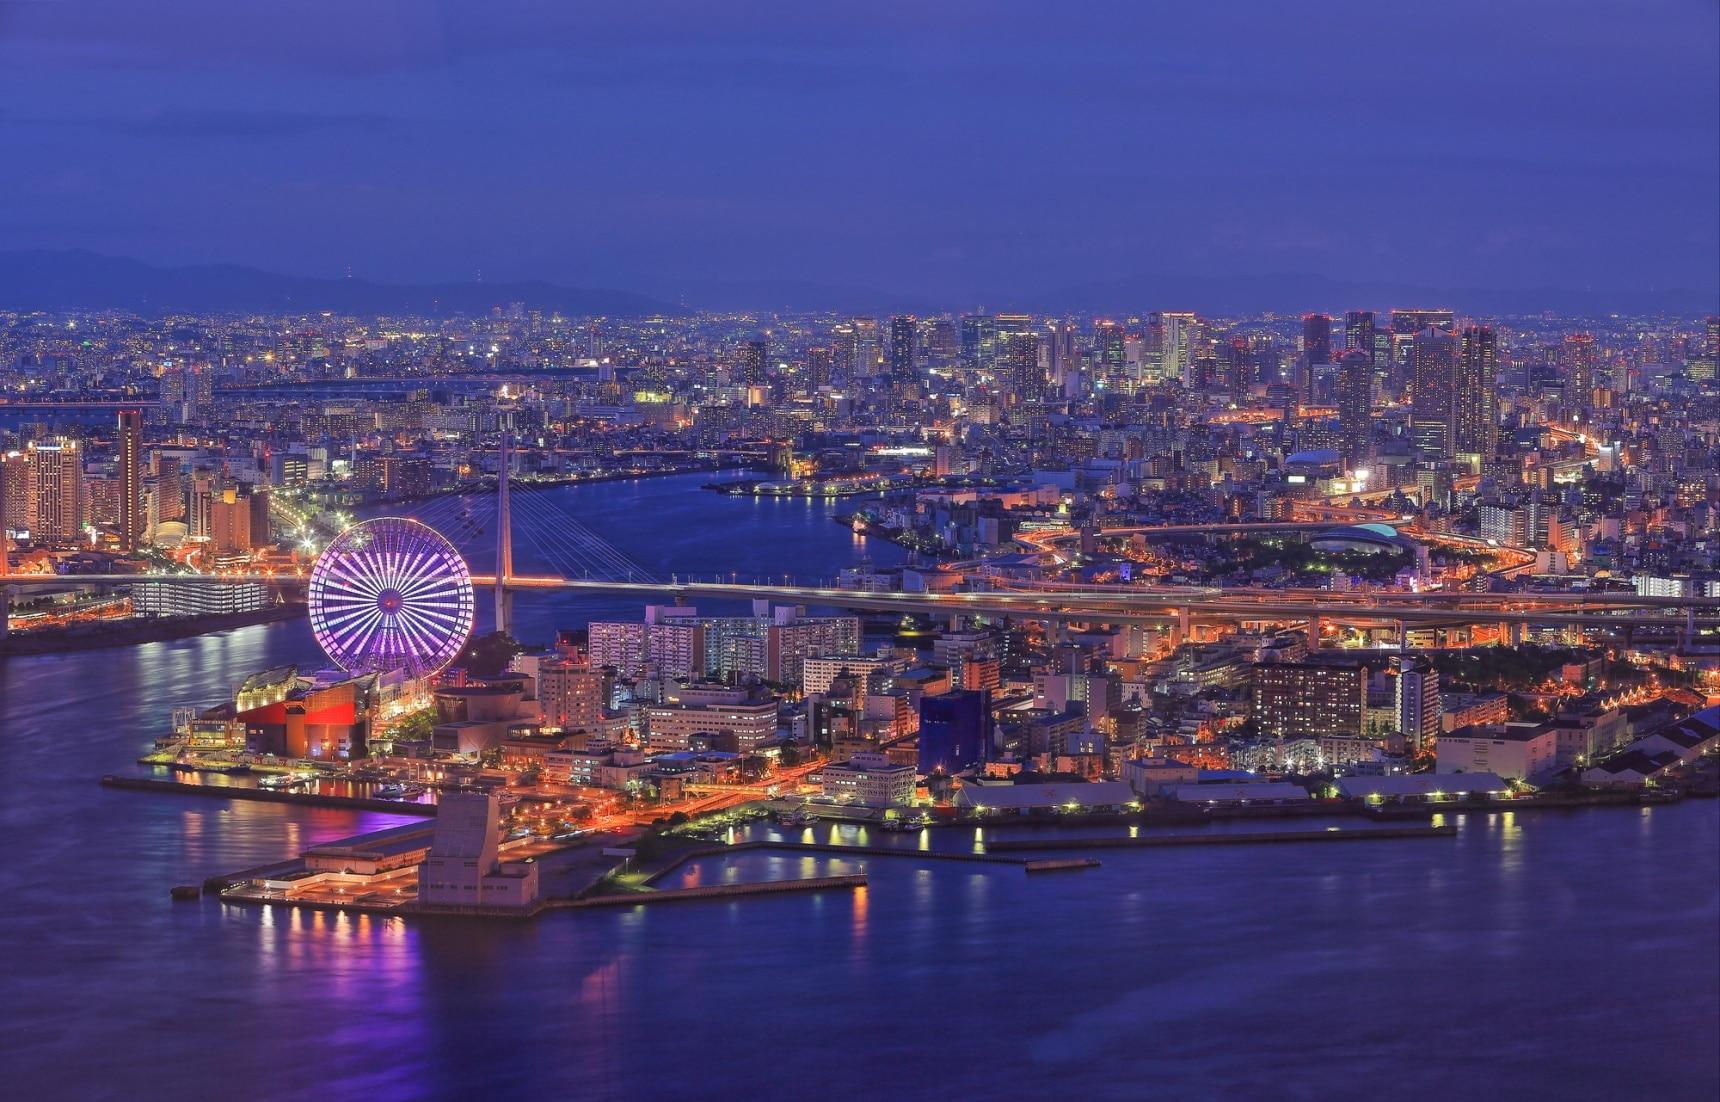 5 จุดชมวิวมุมสูงในเมืองโอซาก้า